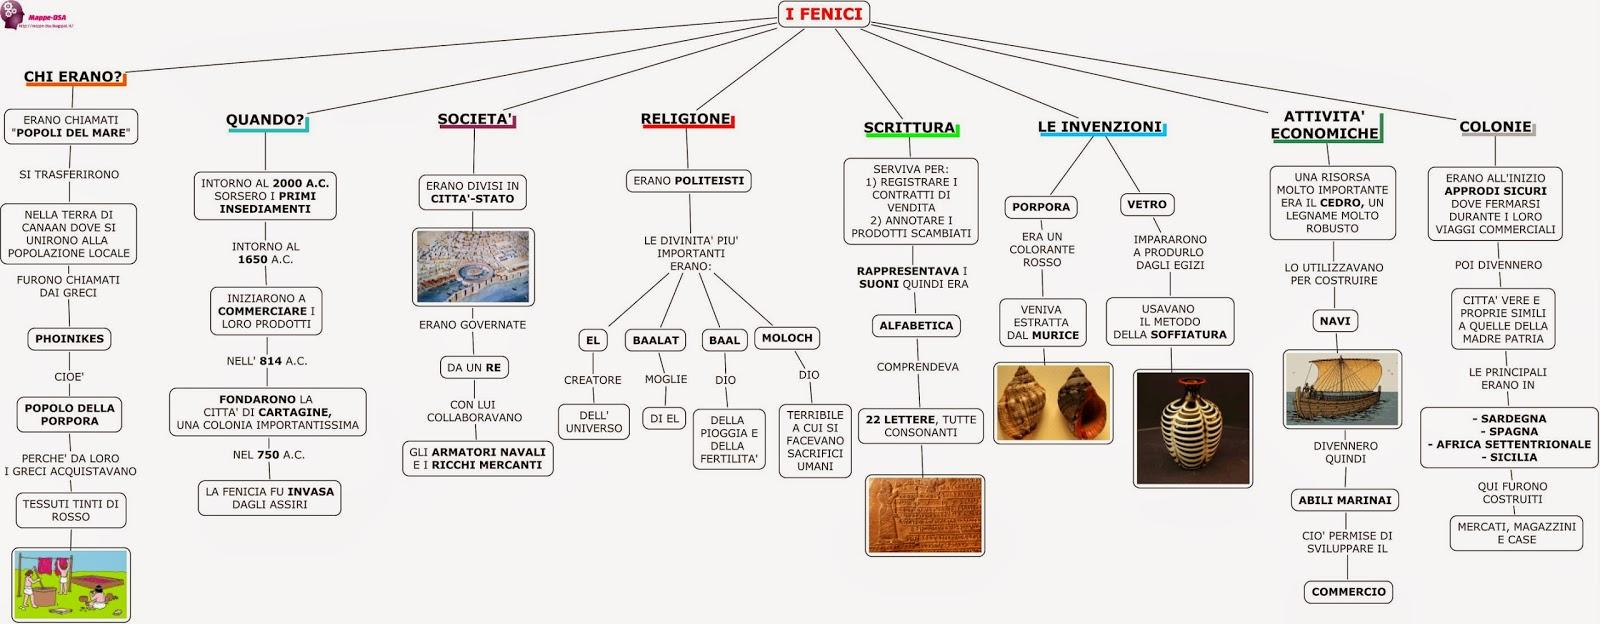 mappa dsa fenici storia